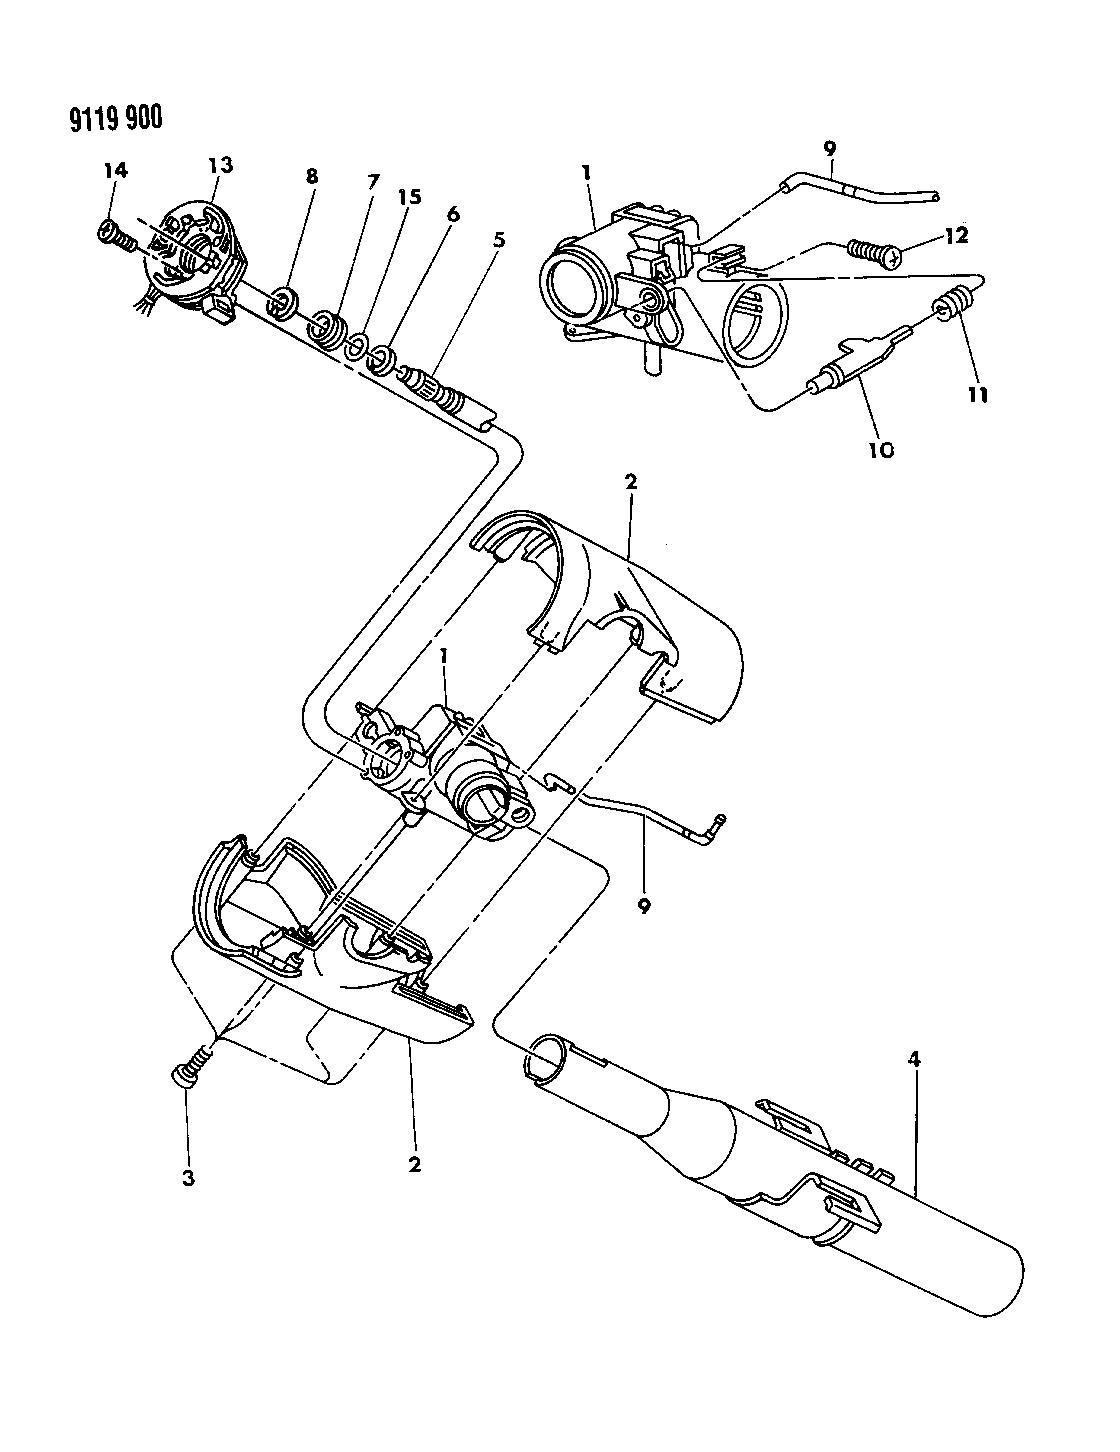 1989 Chrysler LeBaron GTC Column, Steering Upper Floor Shift Without Tilt